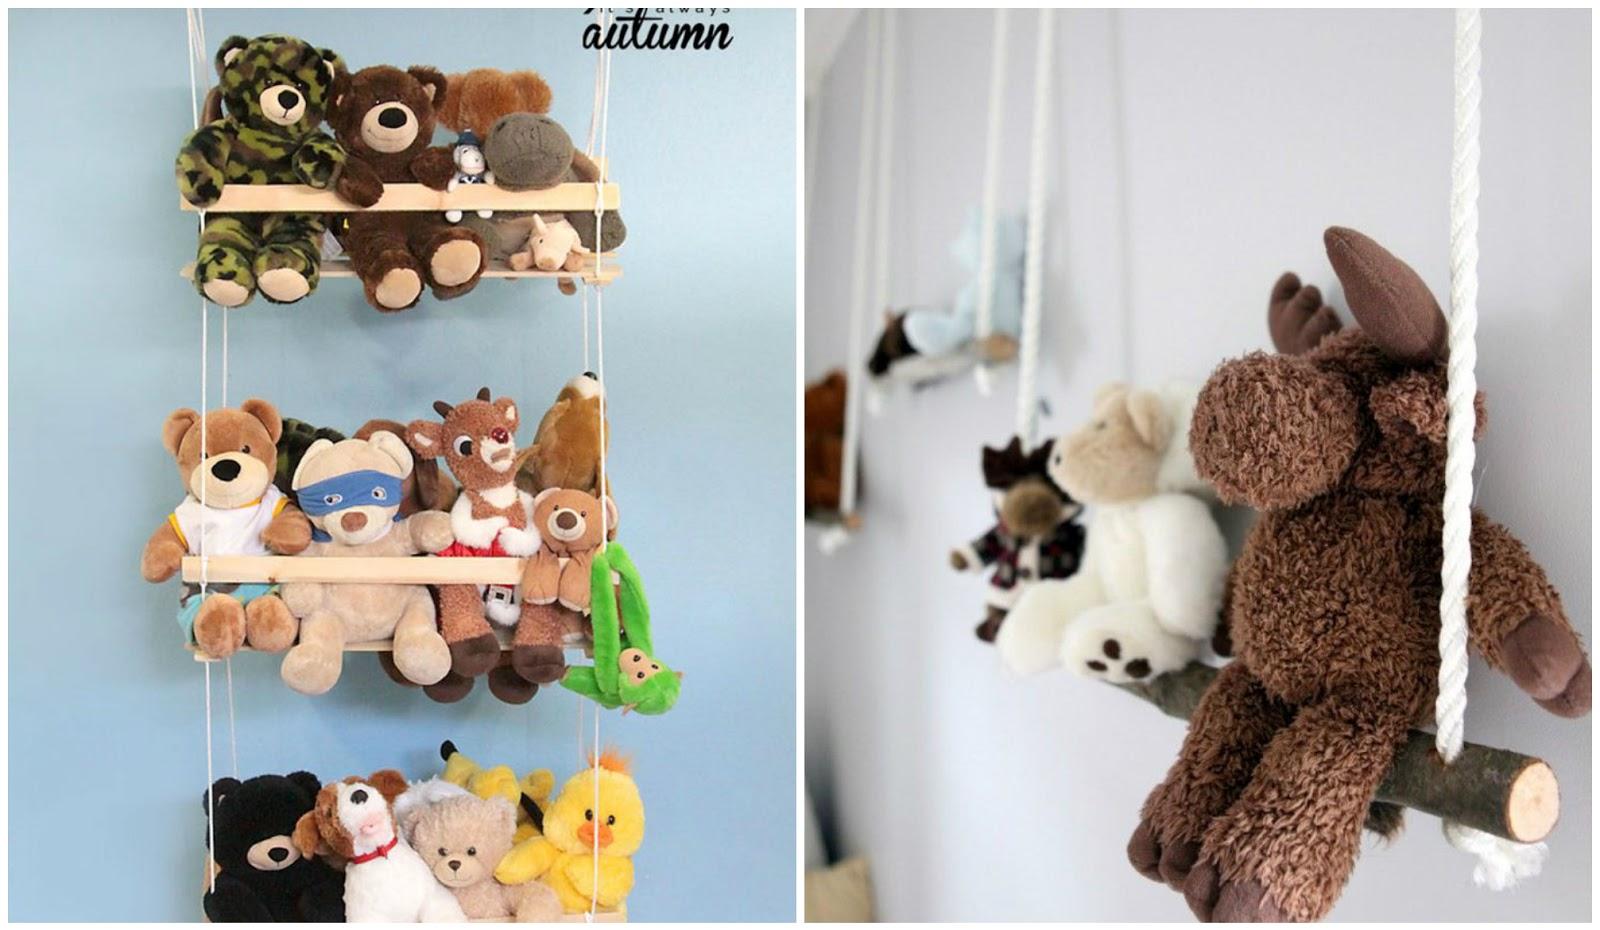 Tutos c mo organizar los juguetes de los ni os en casa - Ideas para organizar juguetes ninos ...